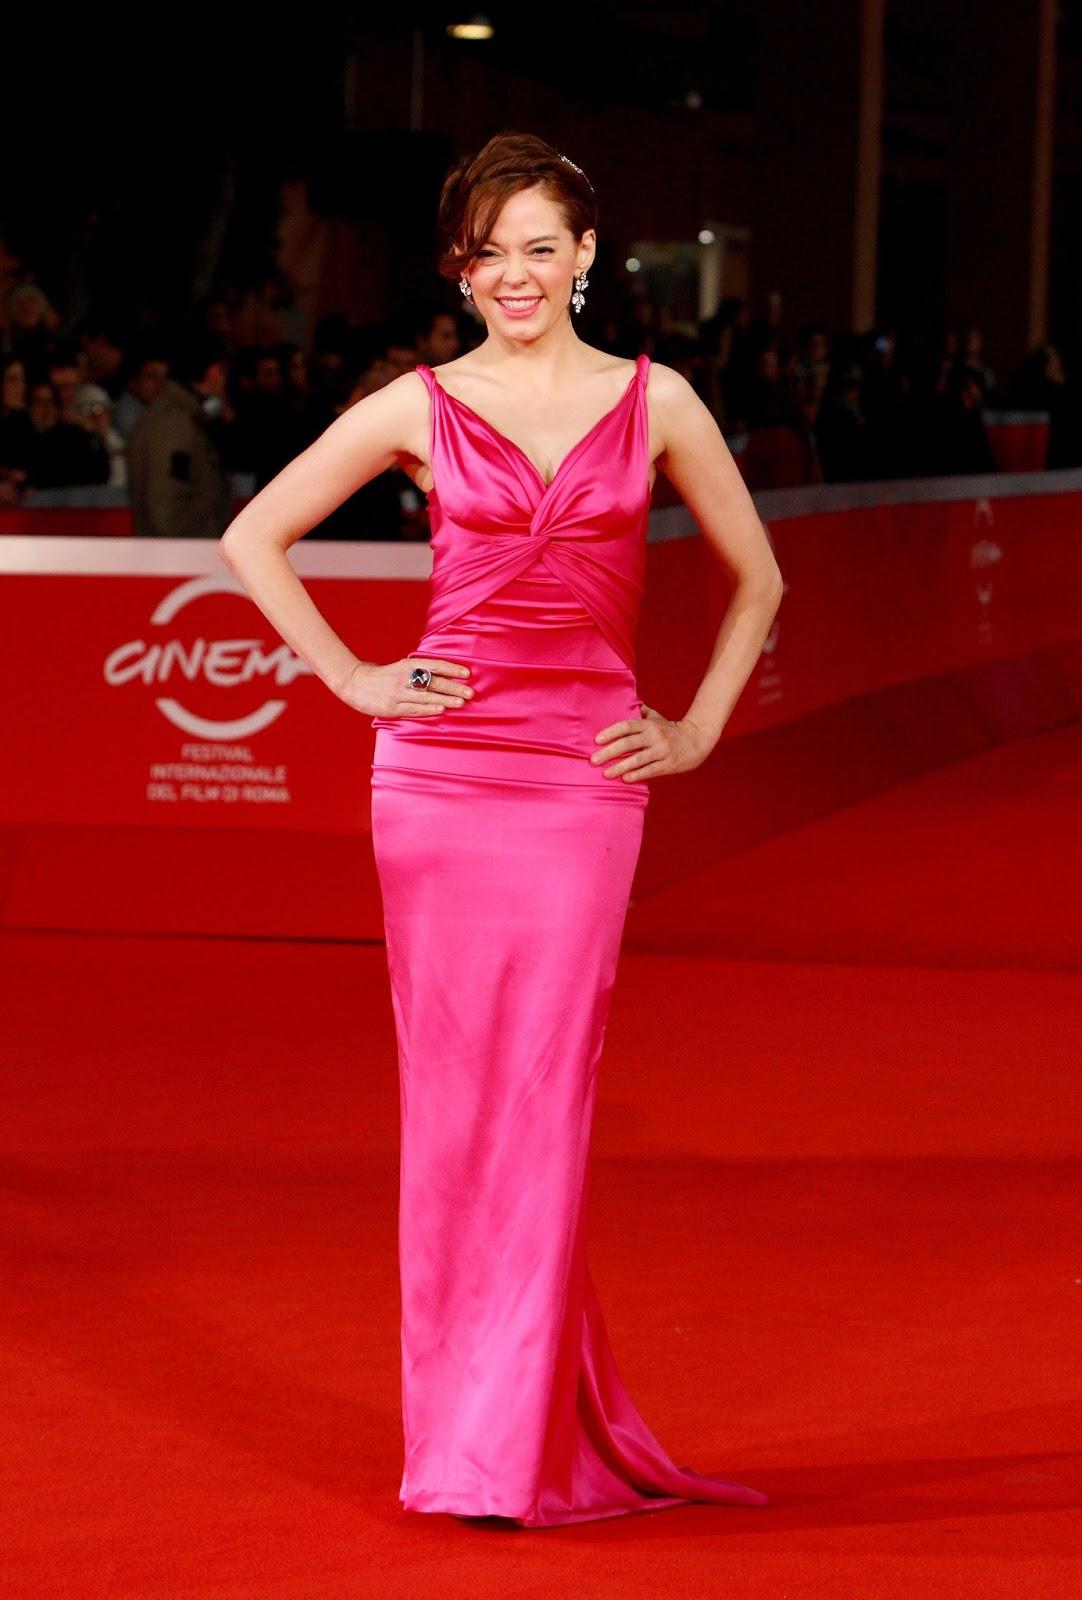 Ladies In Satin Blouses Rose Mcgowan Pink Satin Dress